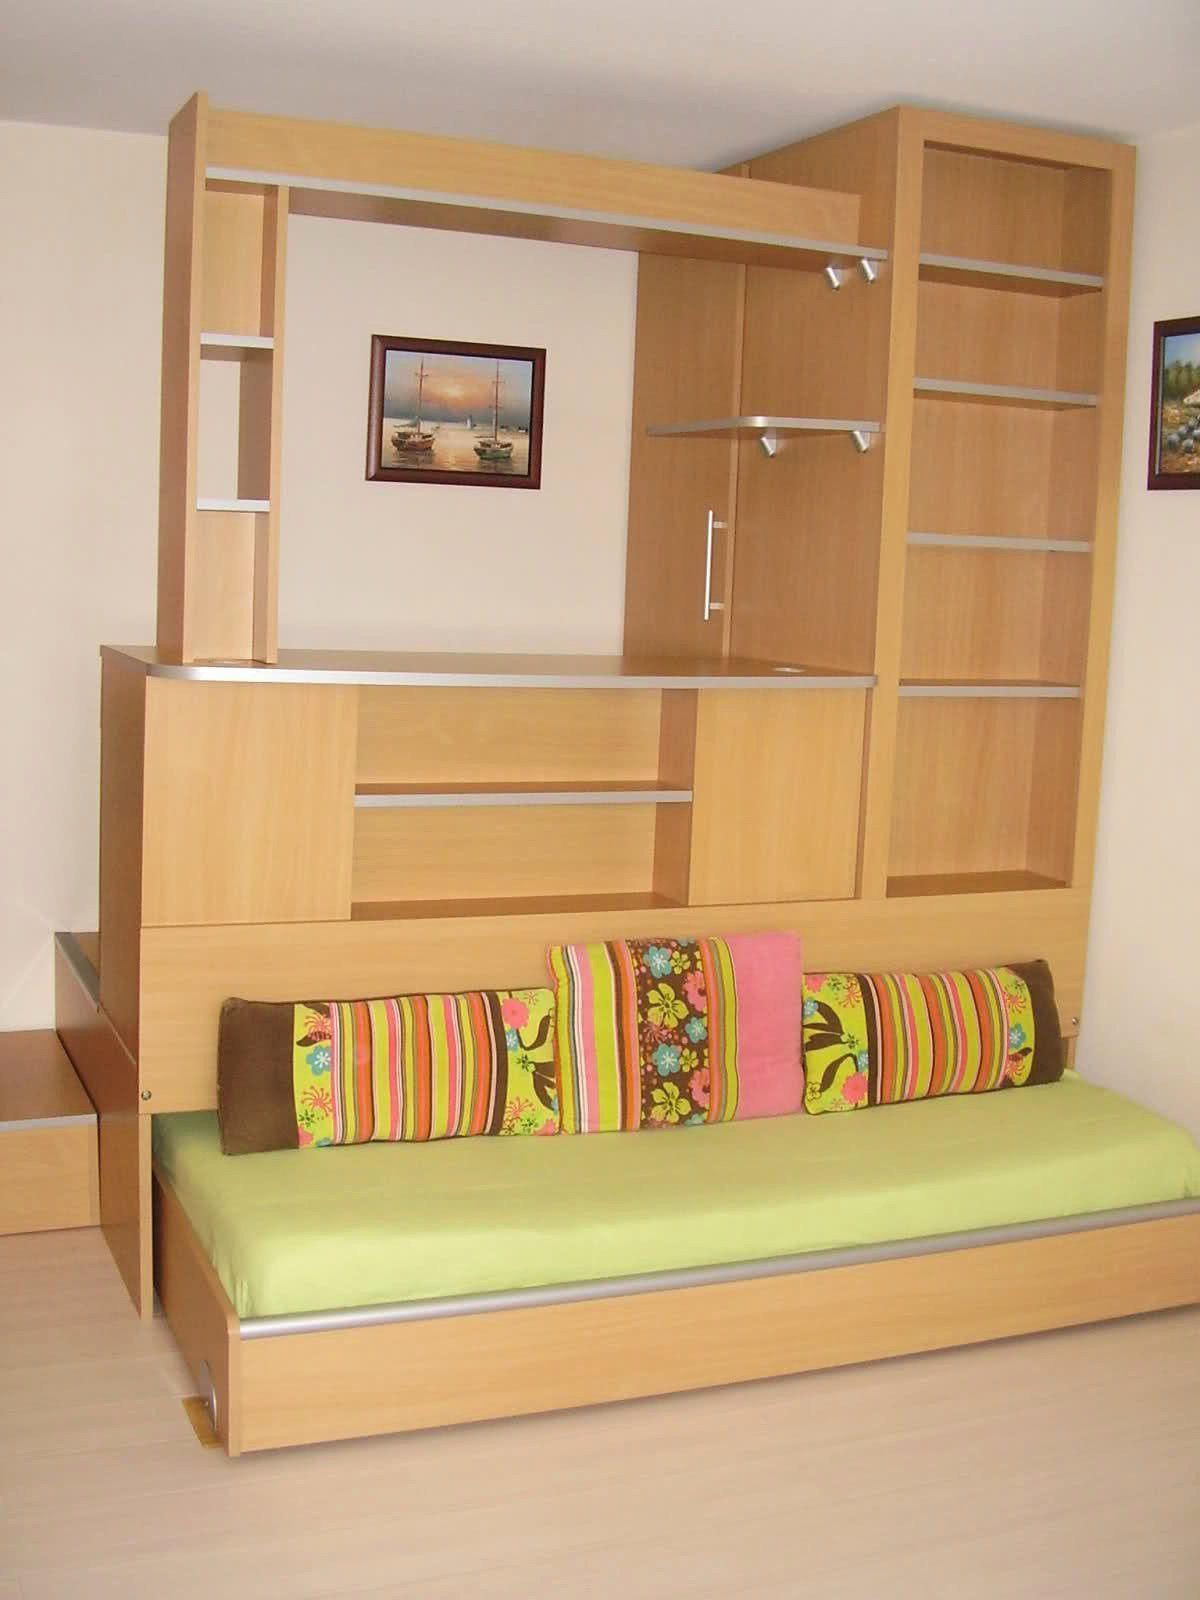 Lit Estrade Ikea Magnifique Lit Estrade Ikea Luxe Graphie 65 Luxe De Canapé Lit Gigogne